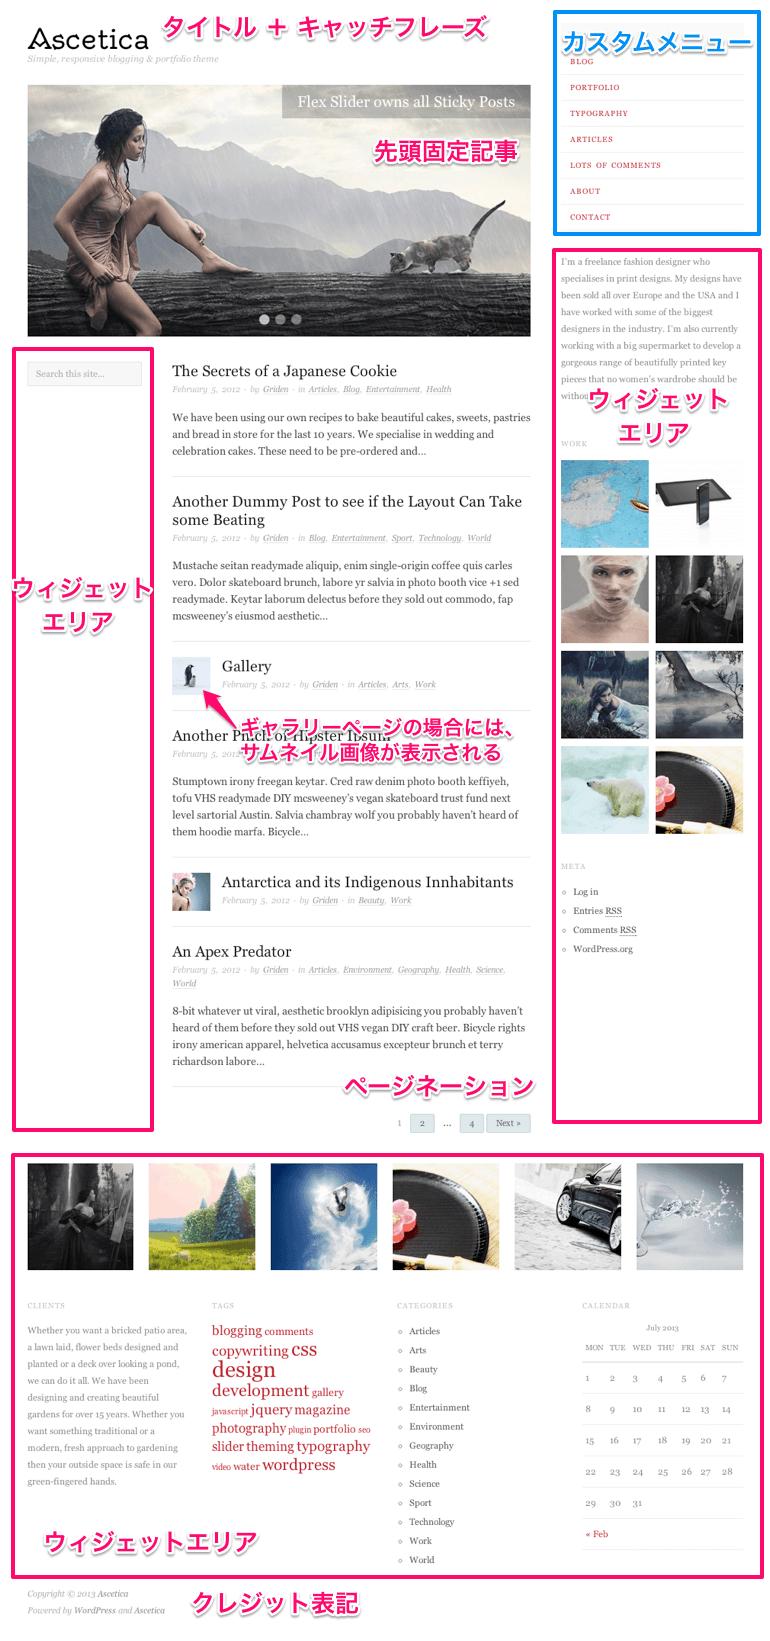 ブログ用の無料WordPressテーマ「ascetica」のトップページのデザイン